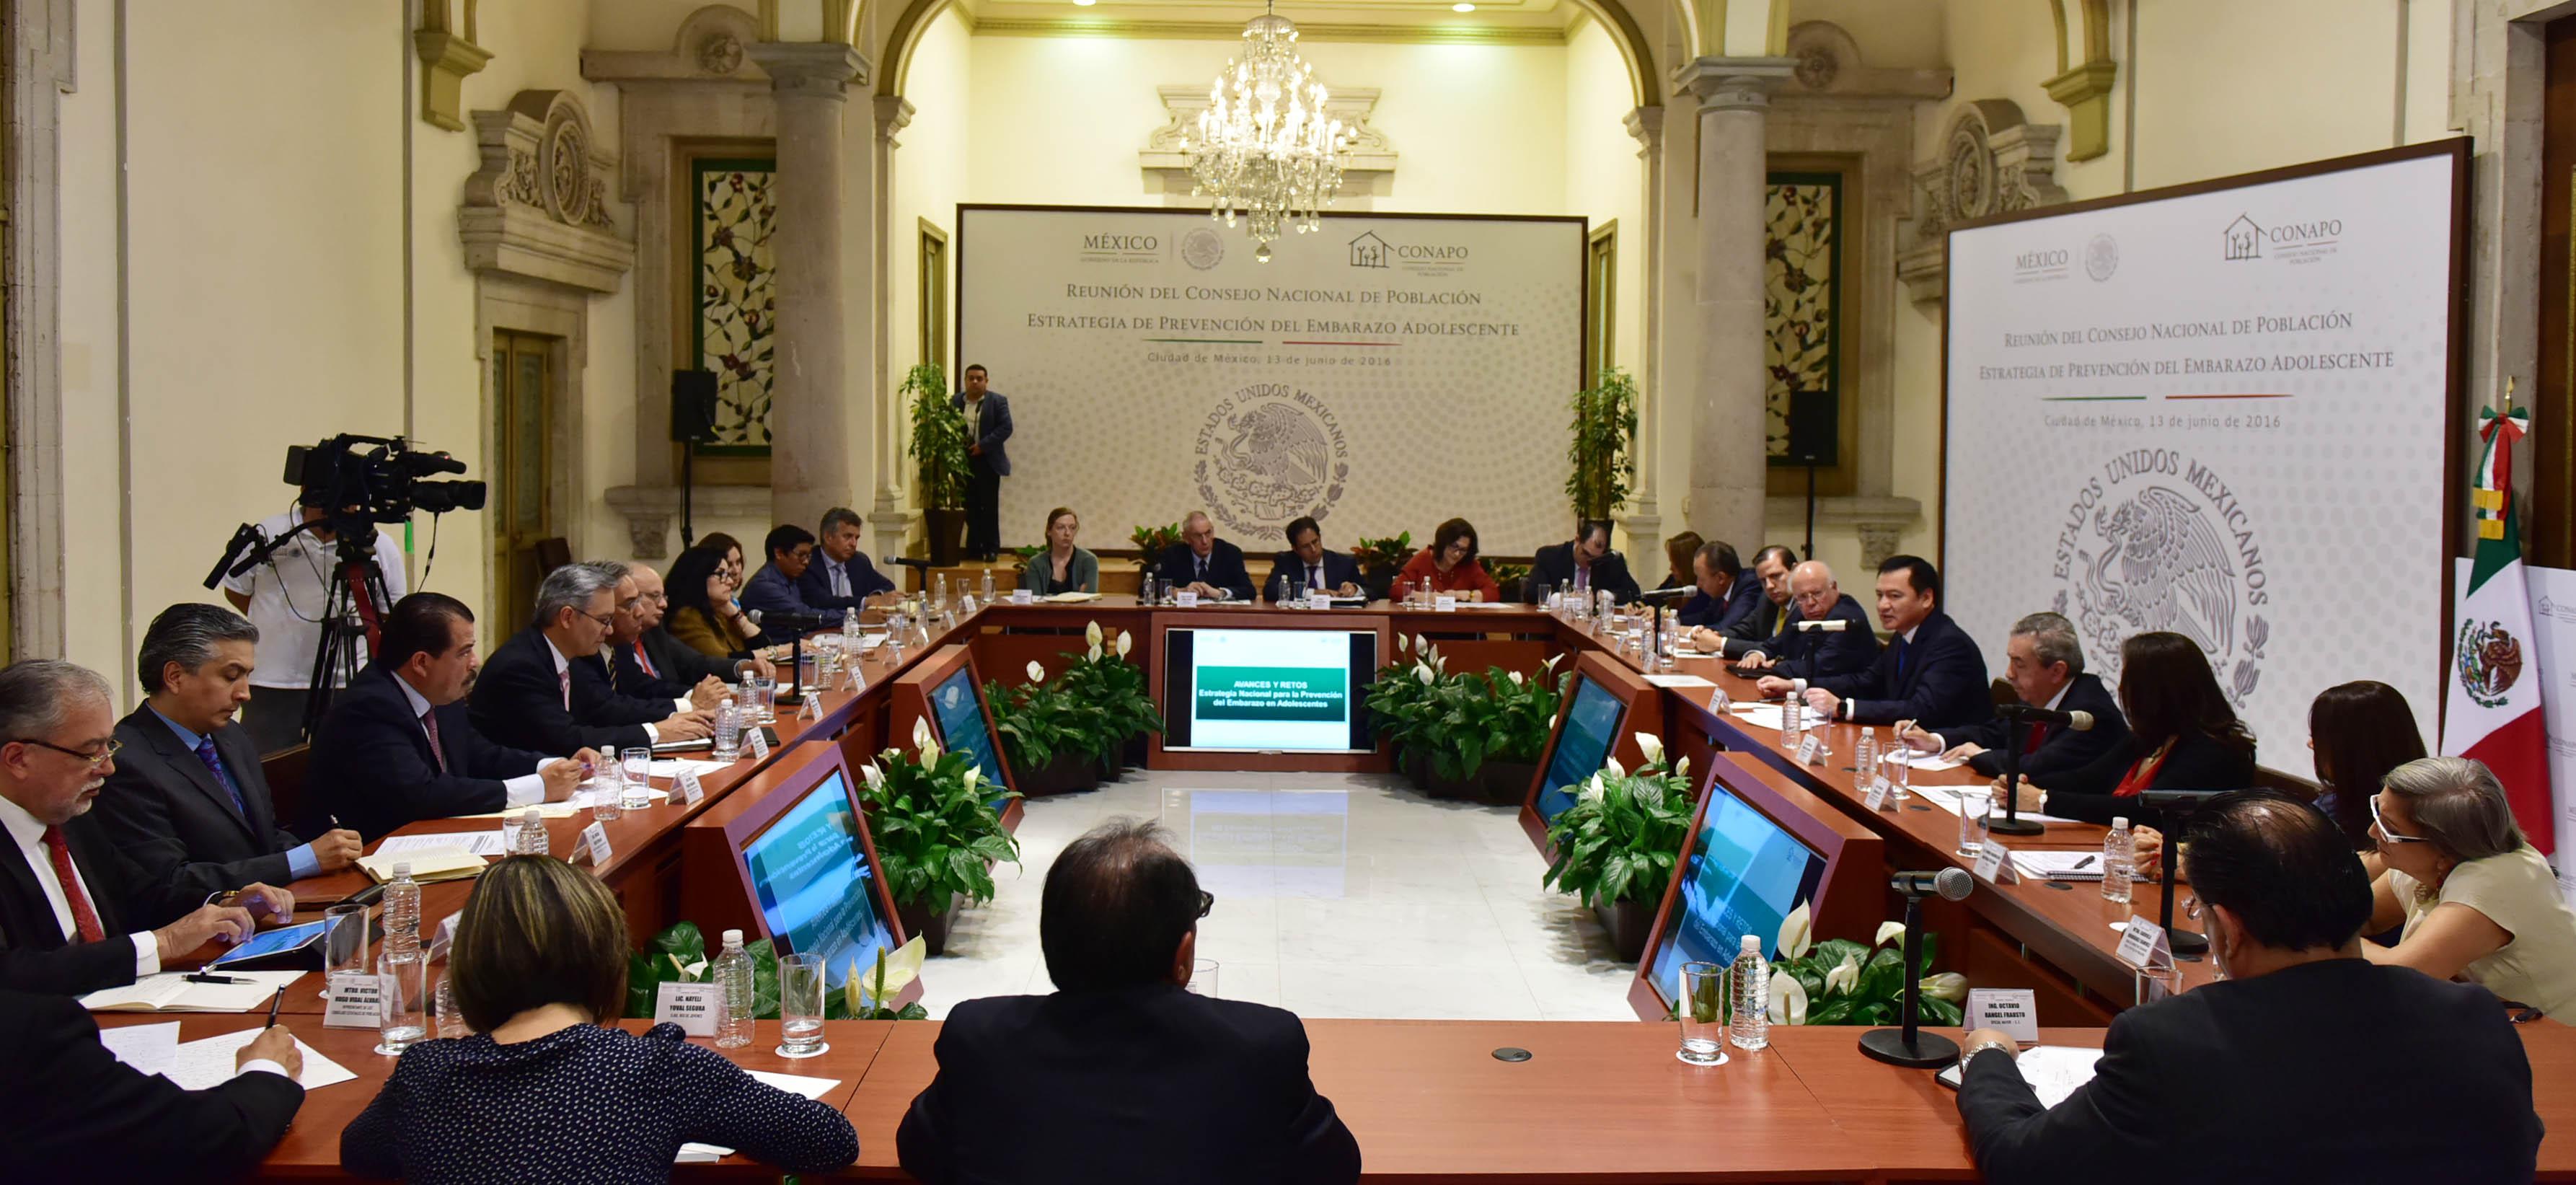 Reunión del Consejo Nacional de Población Estrategia de Prevención del Embarazo Adolescente